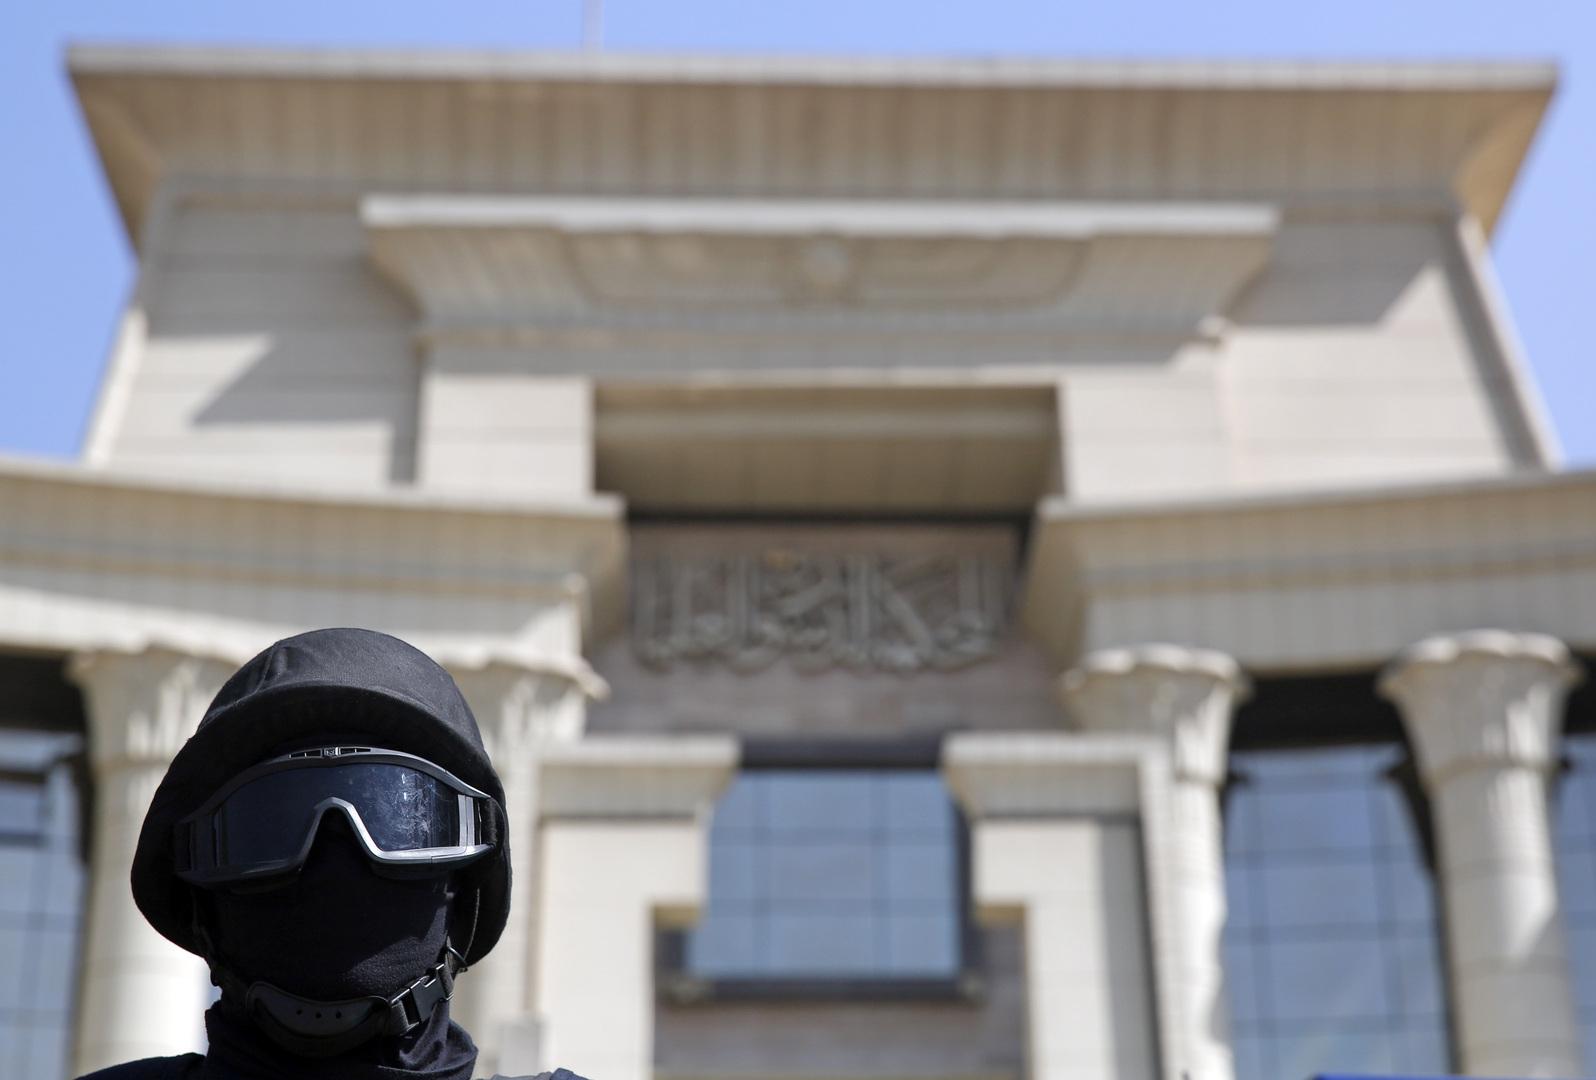 النيابة المصرية تستدعي مدير مستشفى وعددا من الأطباء بسبب فيديو حول وفاة مصابي كورونا